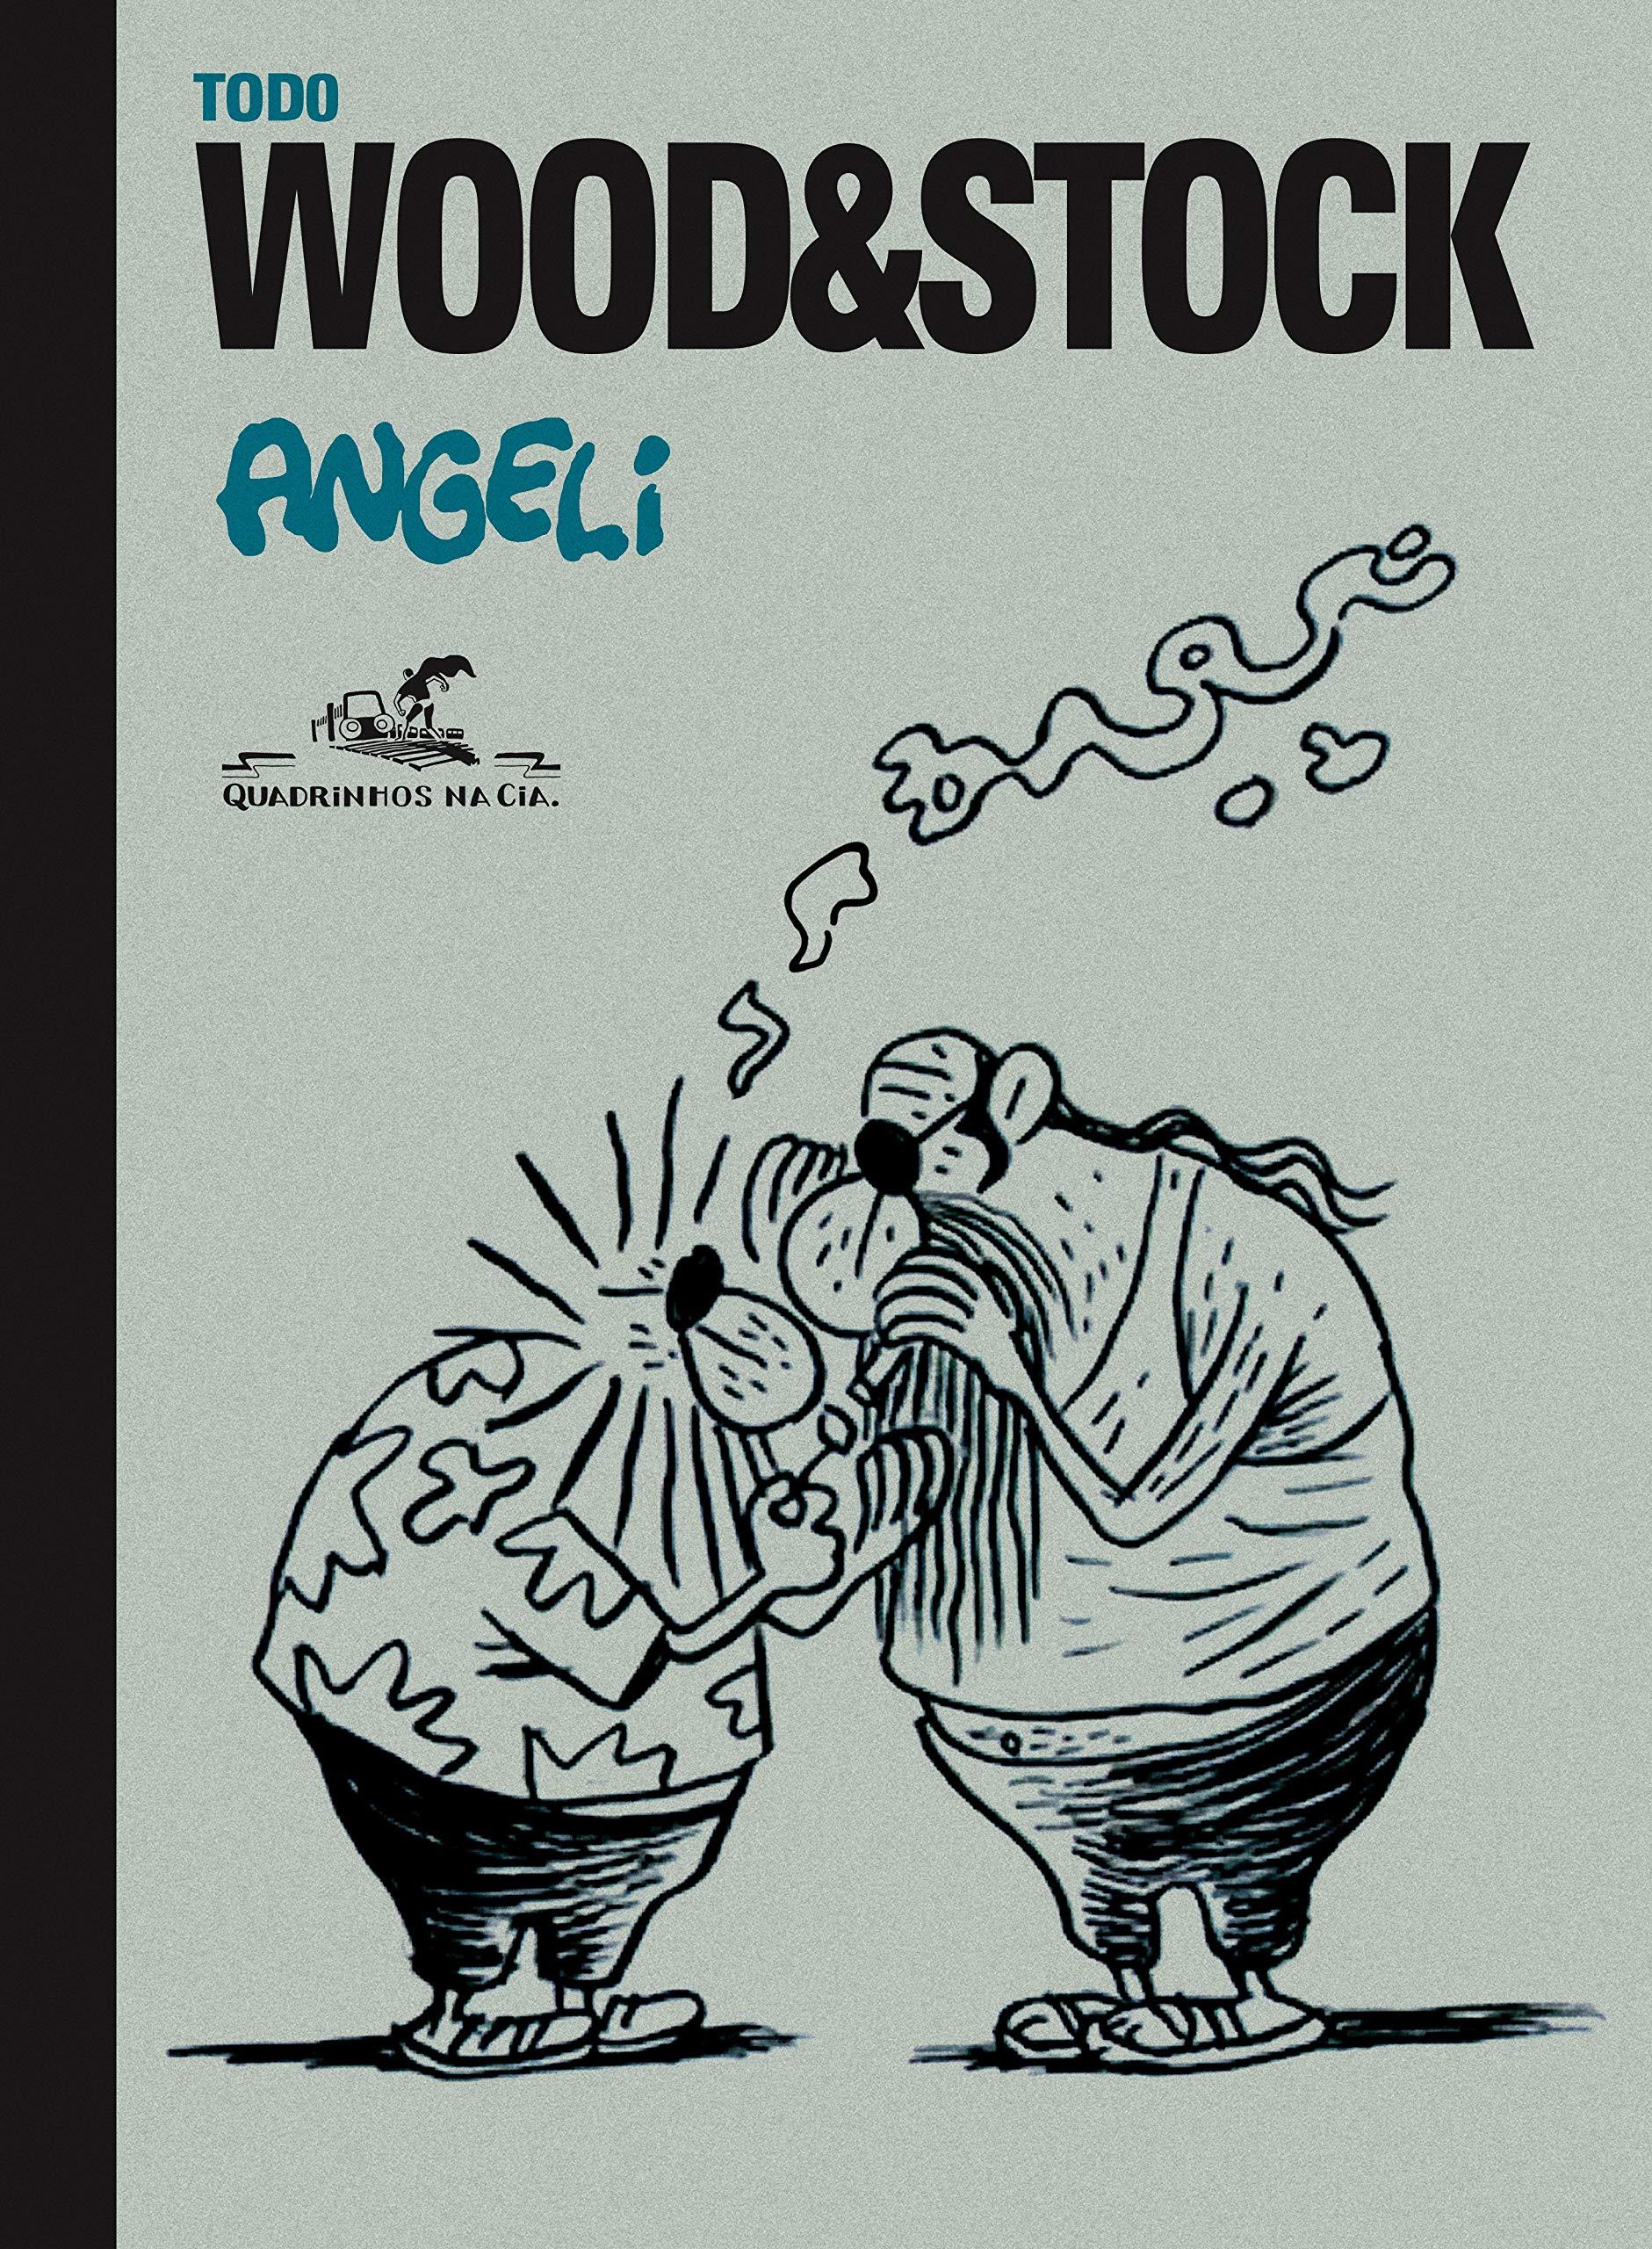 Todo Wood&Stock - 9788535933024 - Livros na Amazon Brasil